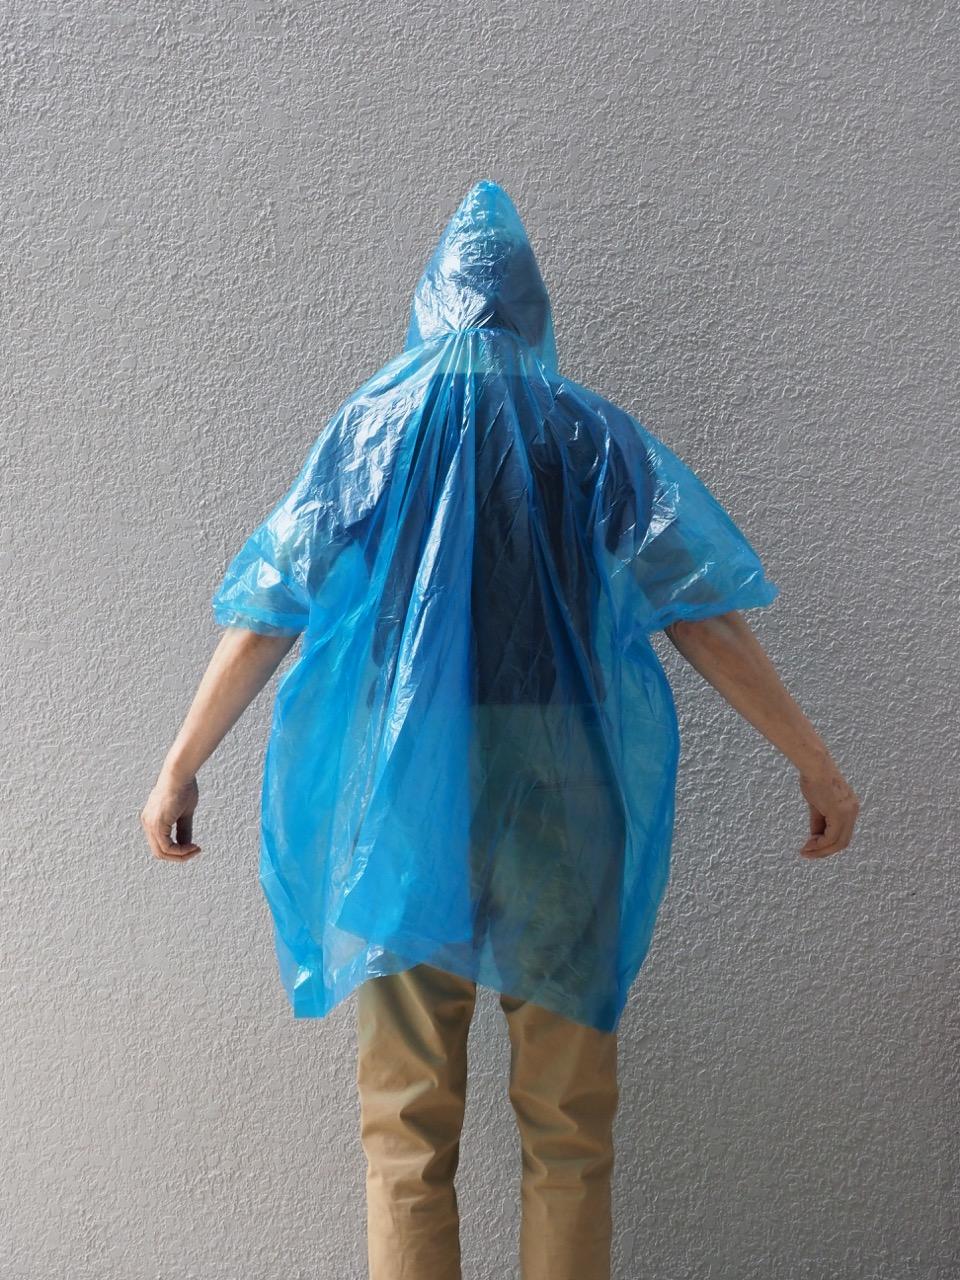 使い捨て雨具の常時携帯という対策